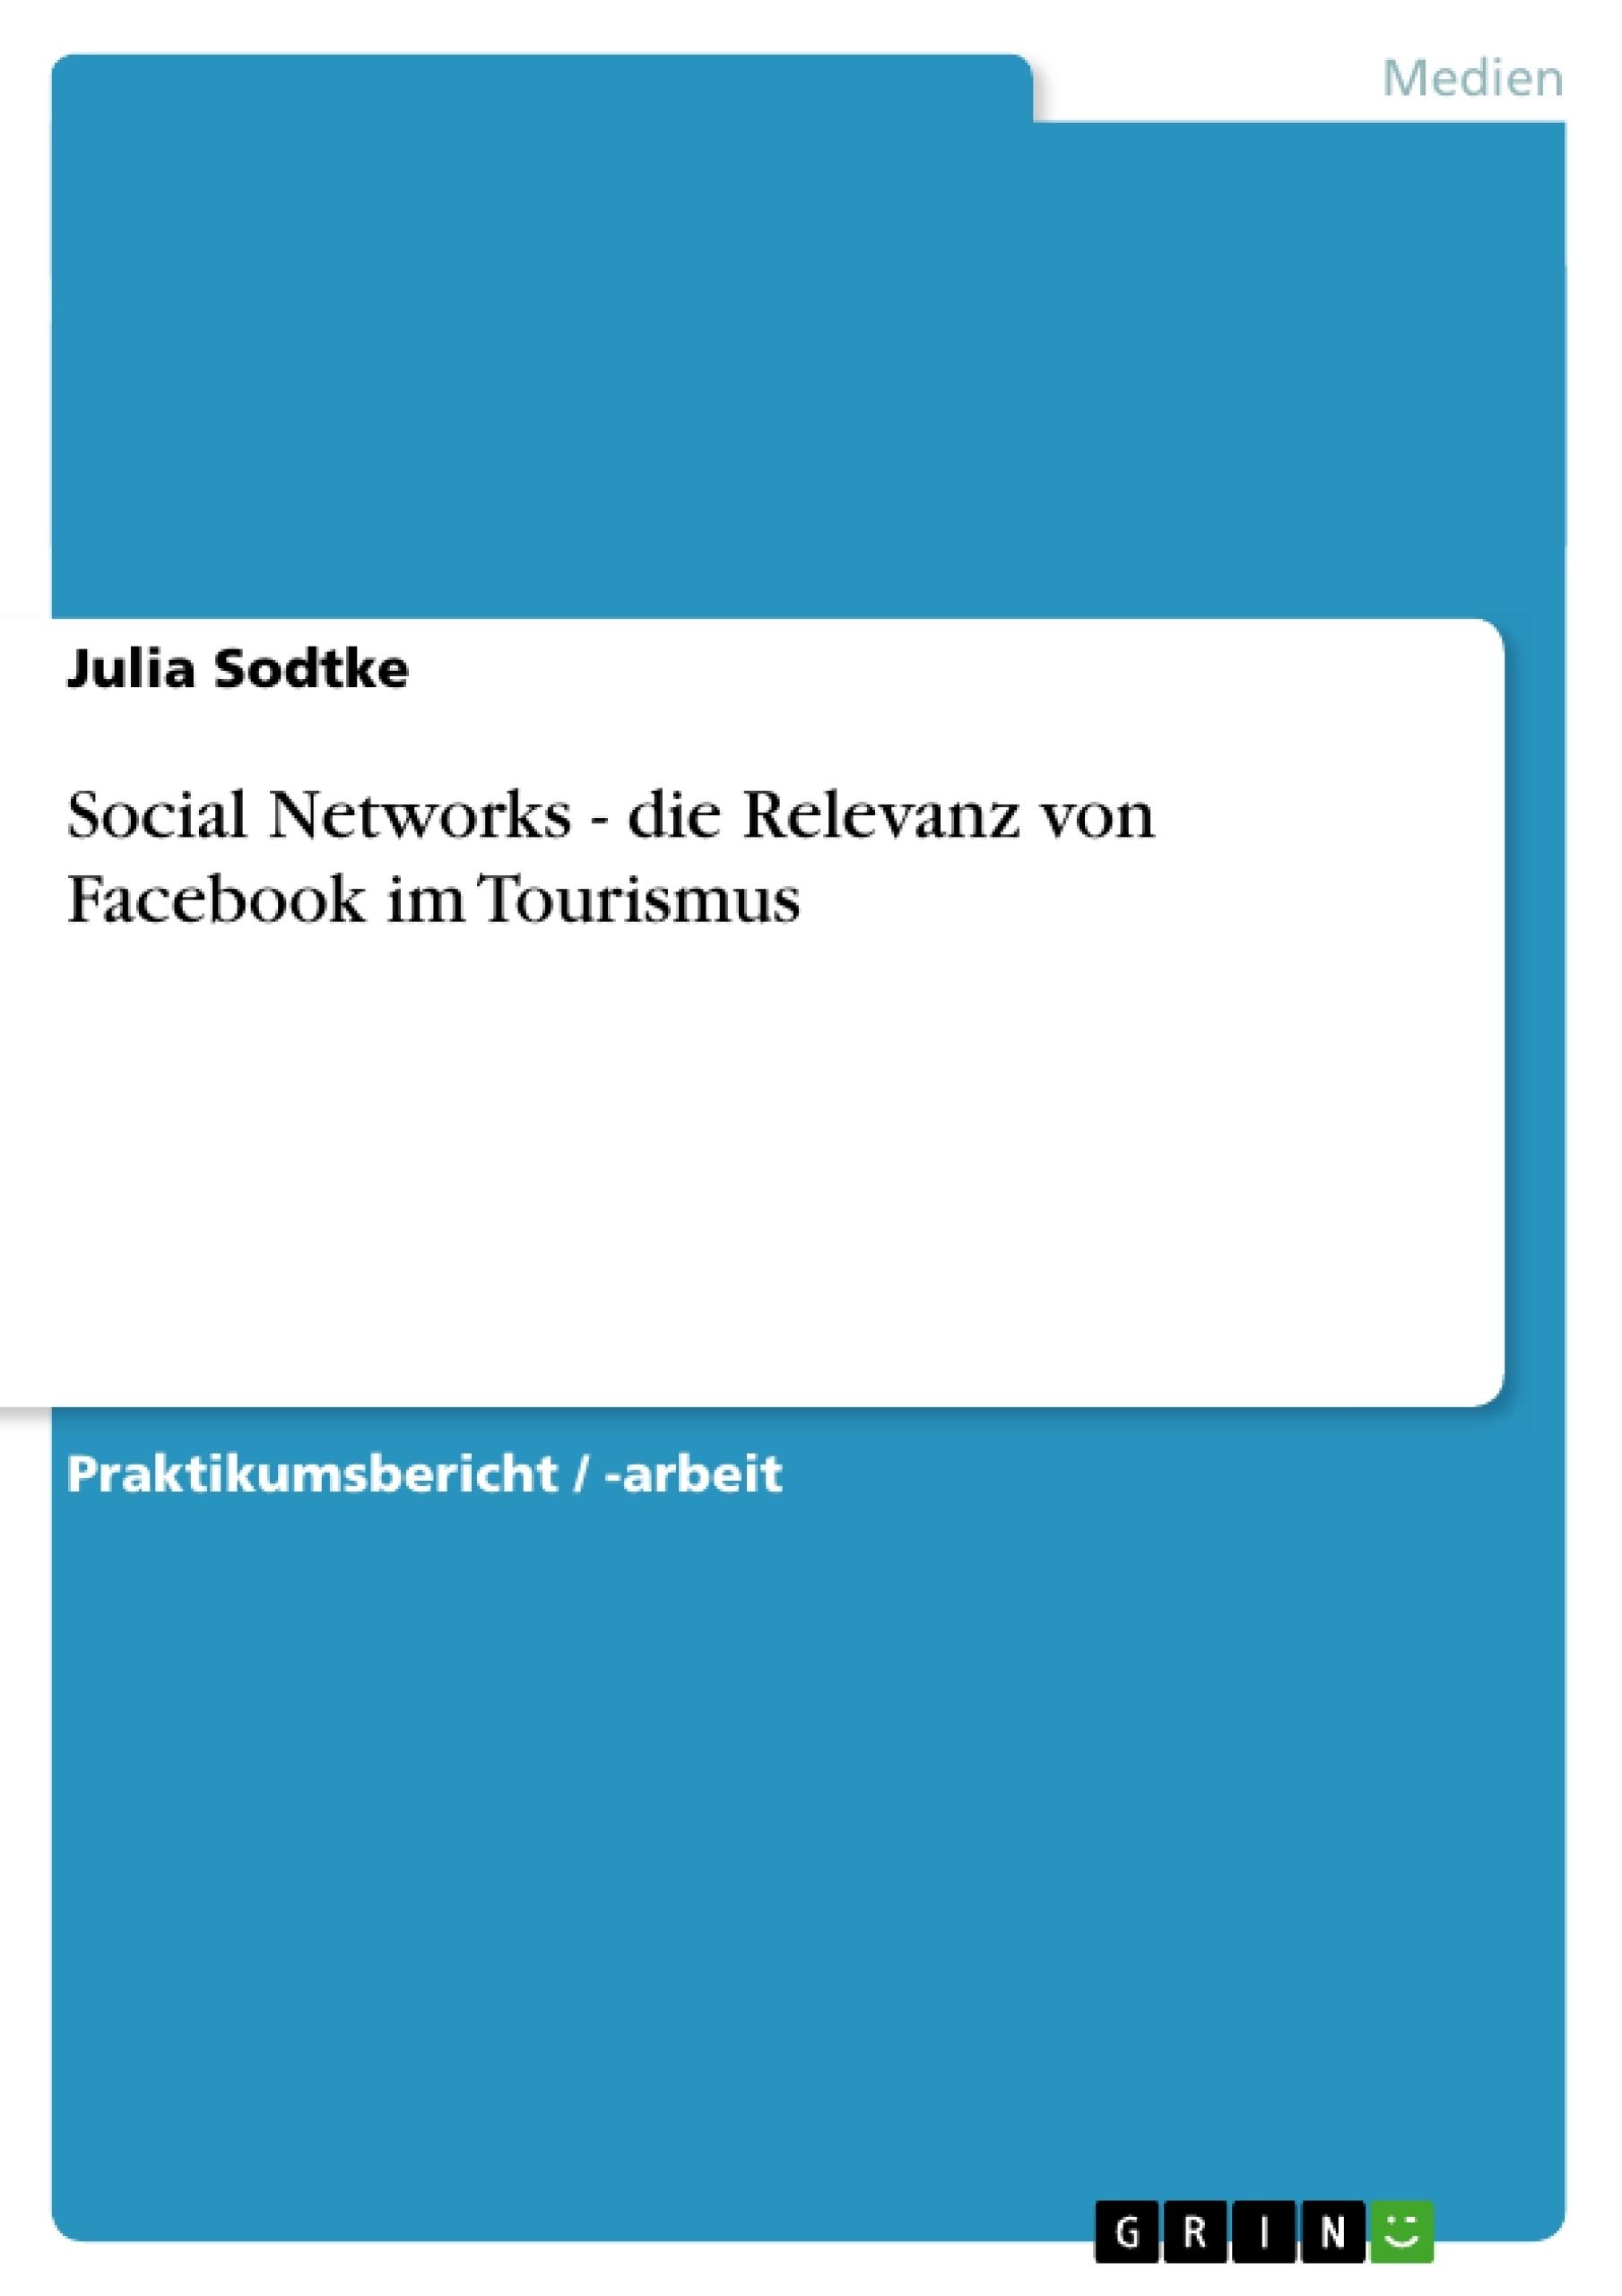 Titel: Social Networks - die Relevanz von Facebook im Tourismus